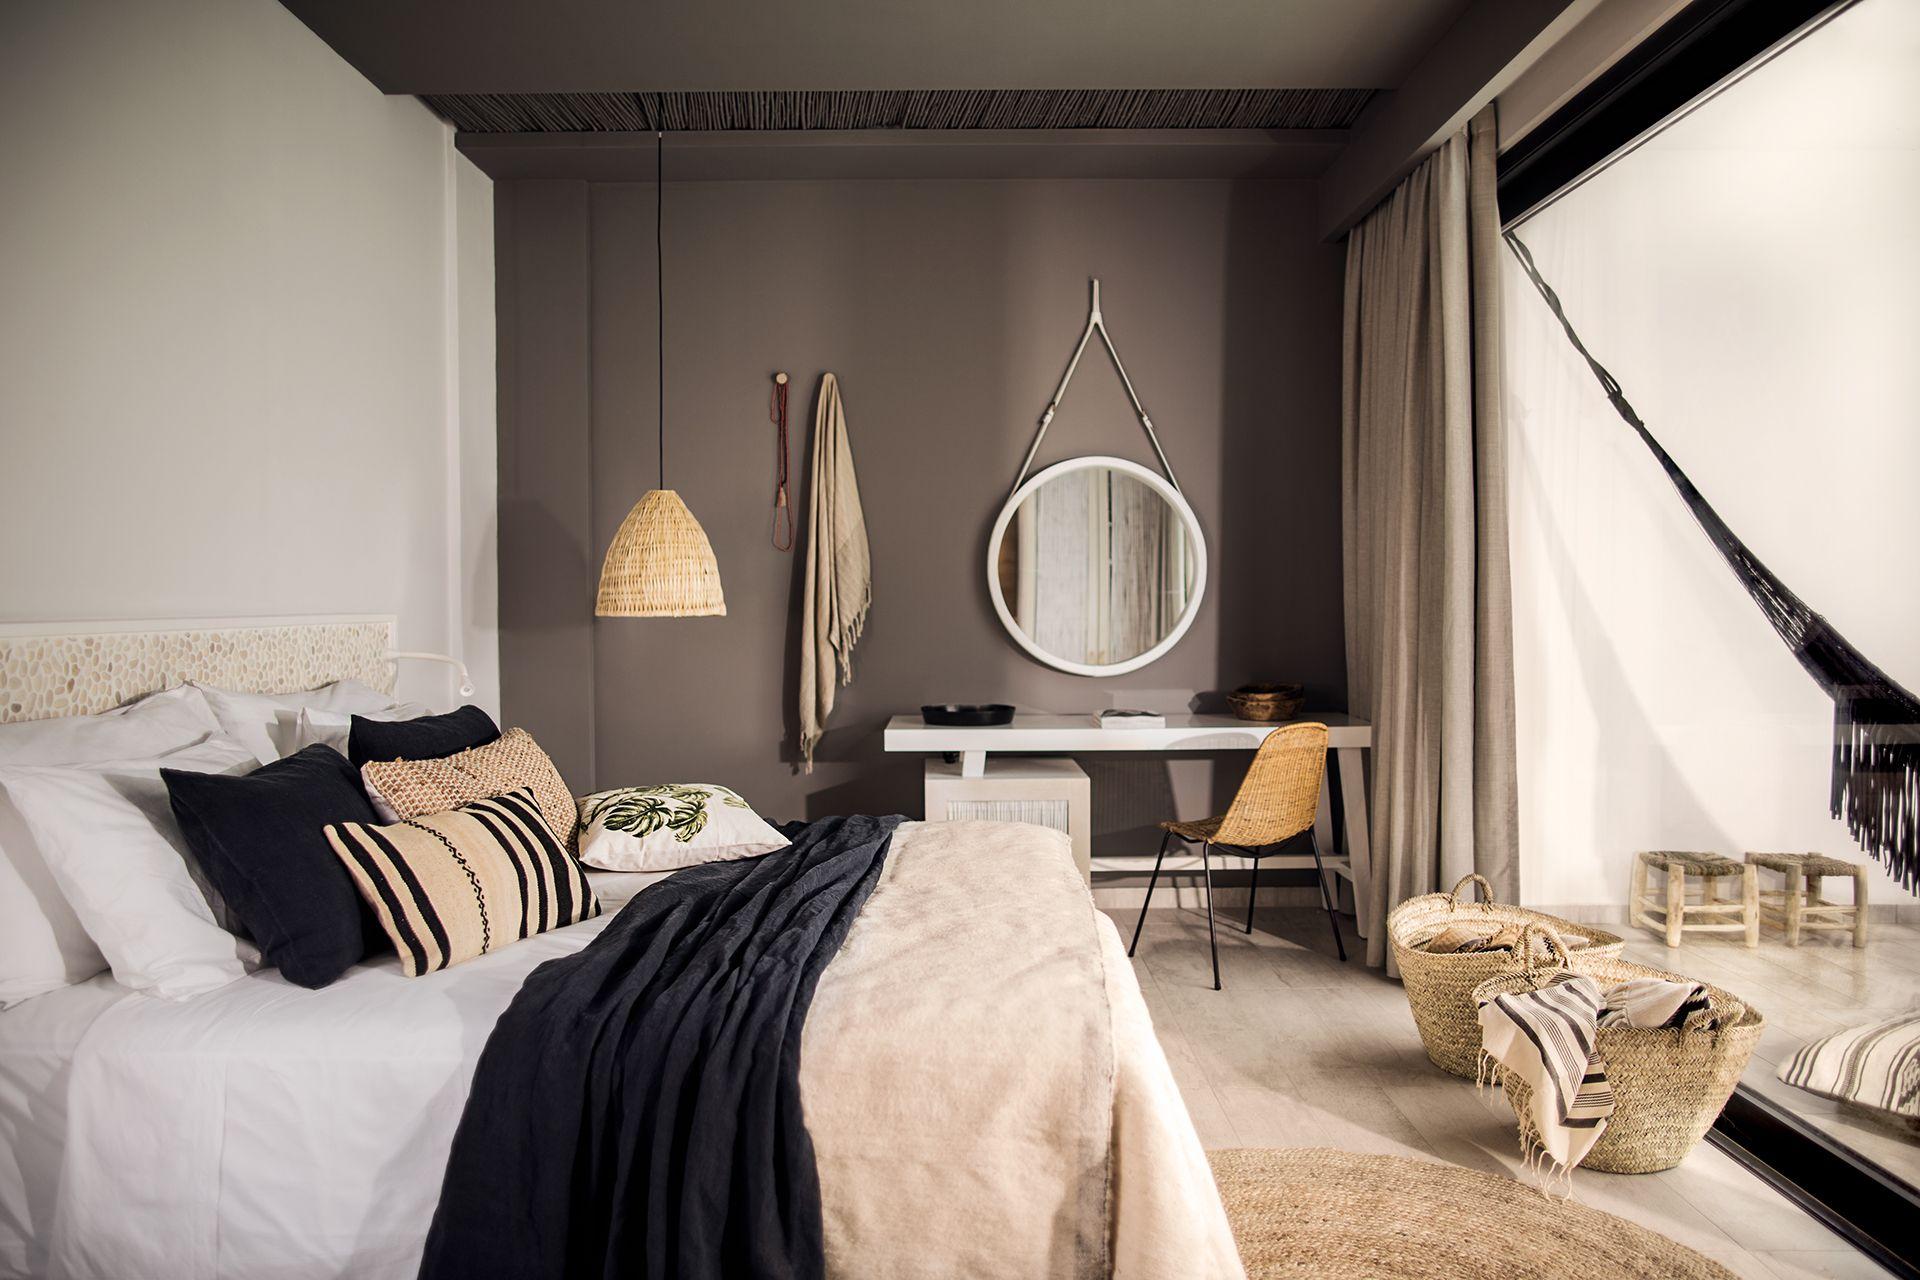 griekenland hotel slaapkamer femfem minimalistische inrichting boetiek hotels huismeubilair buiten